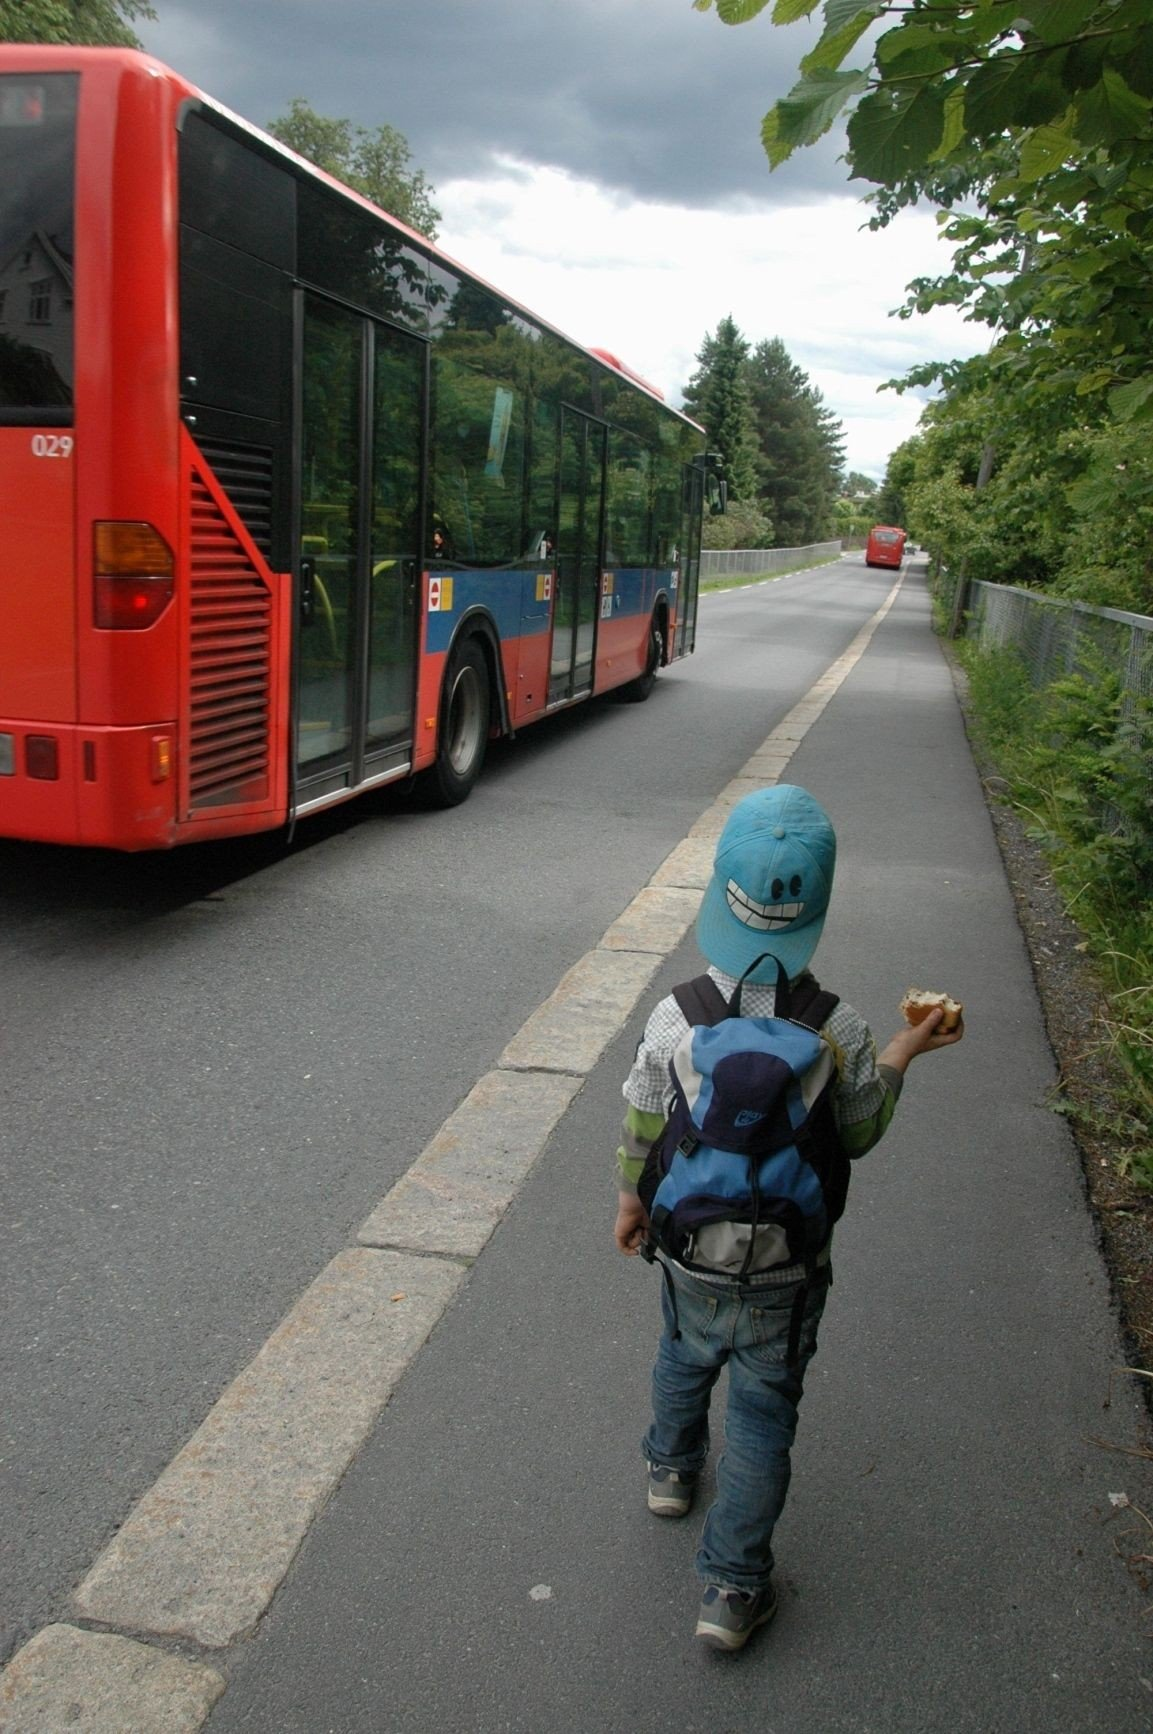 Bydelsutvalget har satt opp en liste over tiltak som skal gjøre skoleveiene på Nordstrand trygge.